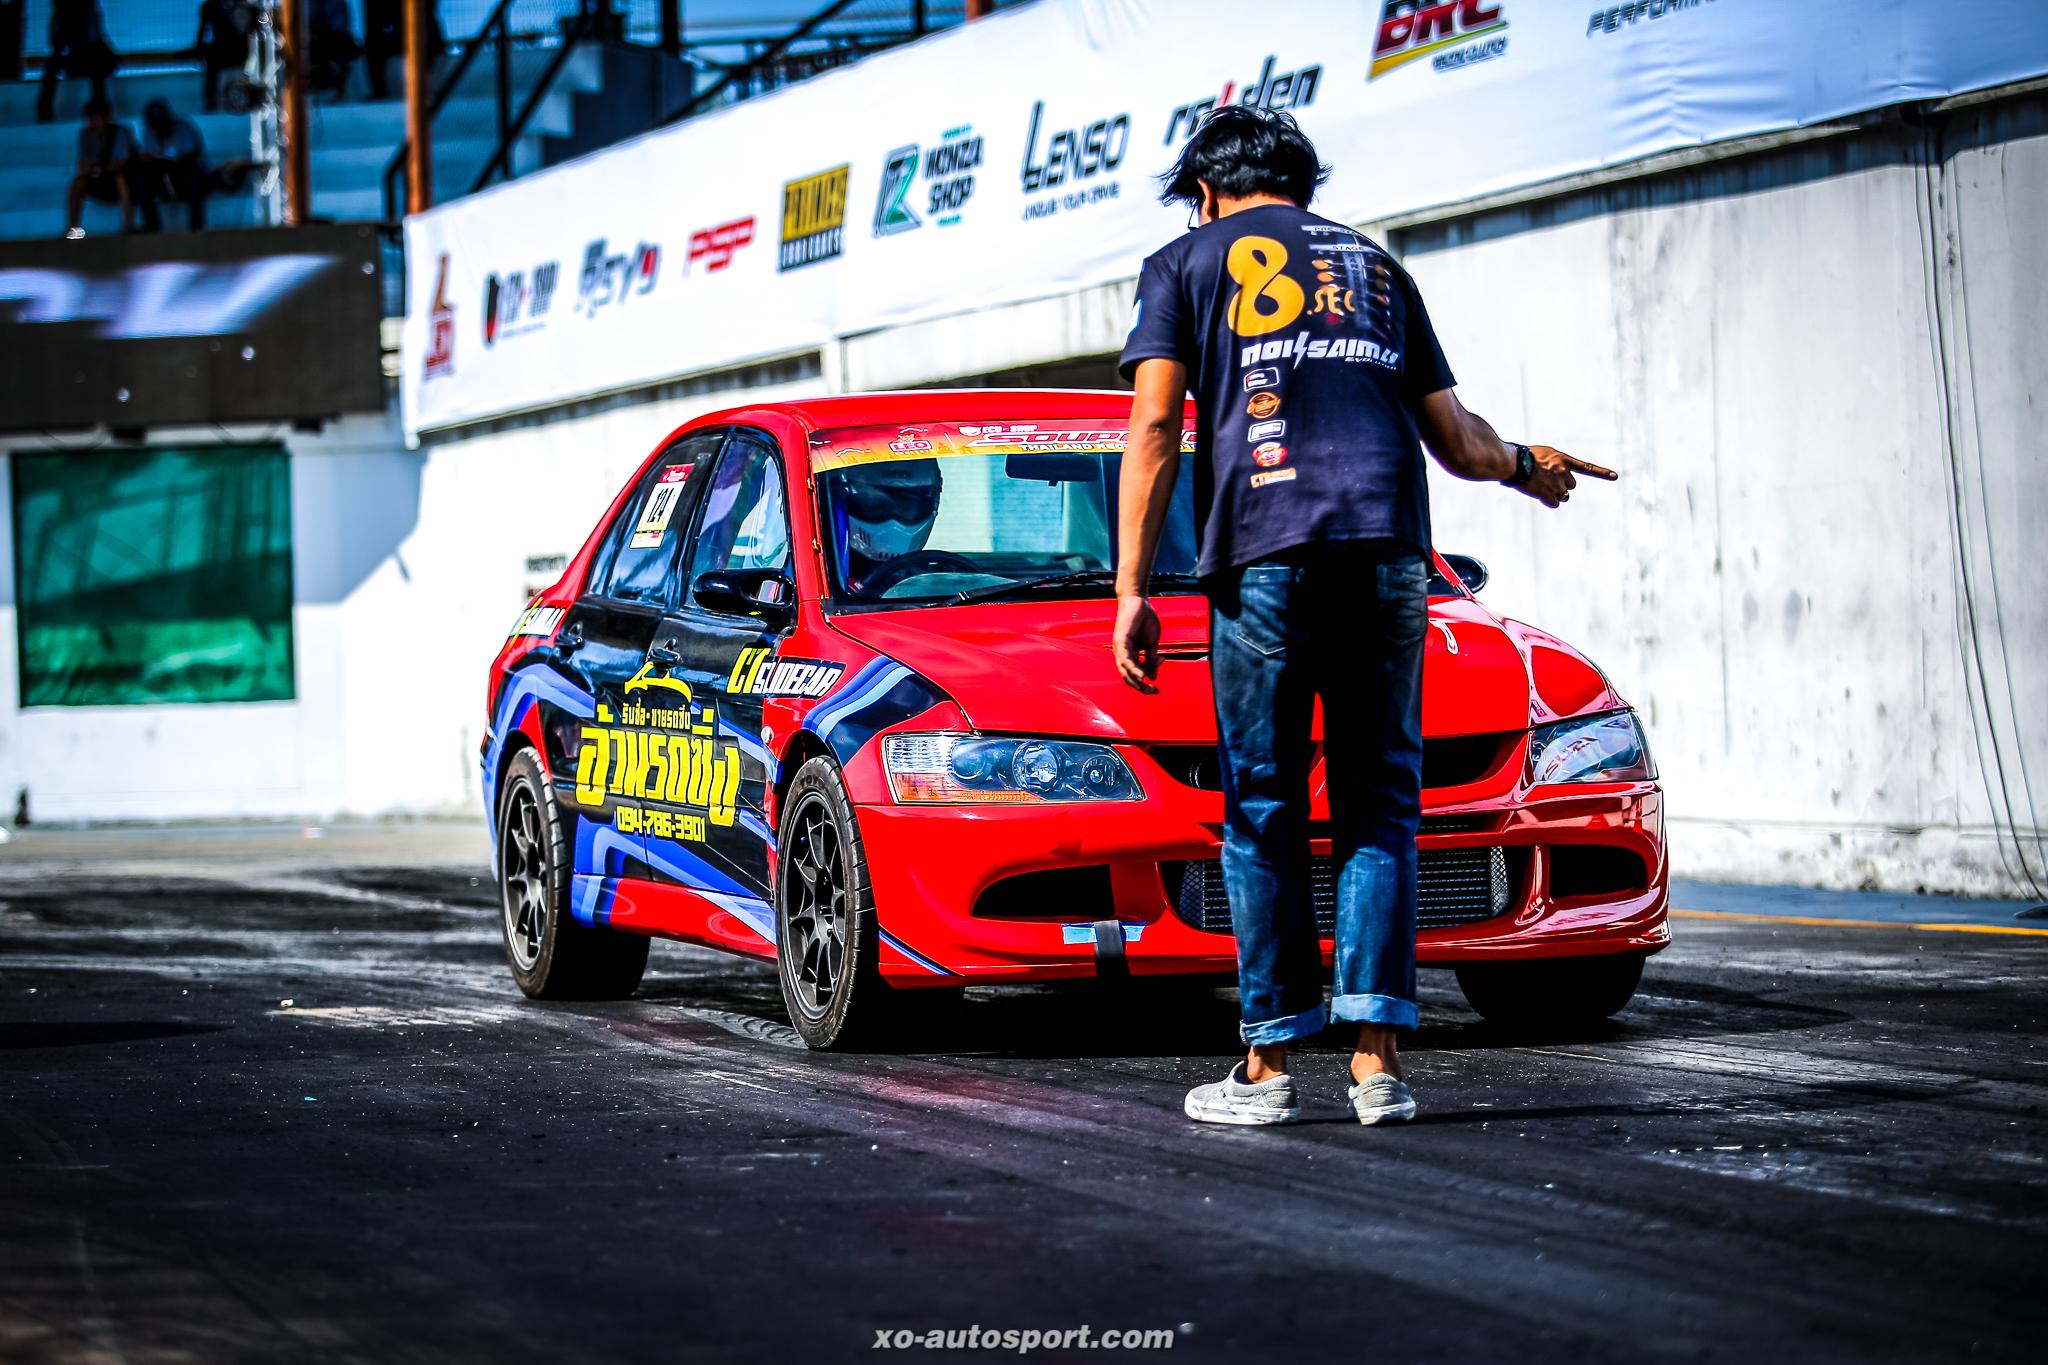 Super 4 4WD Champion 04